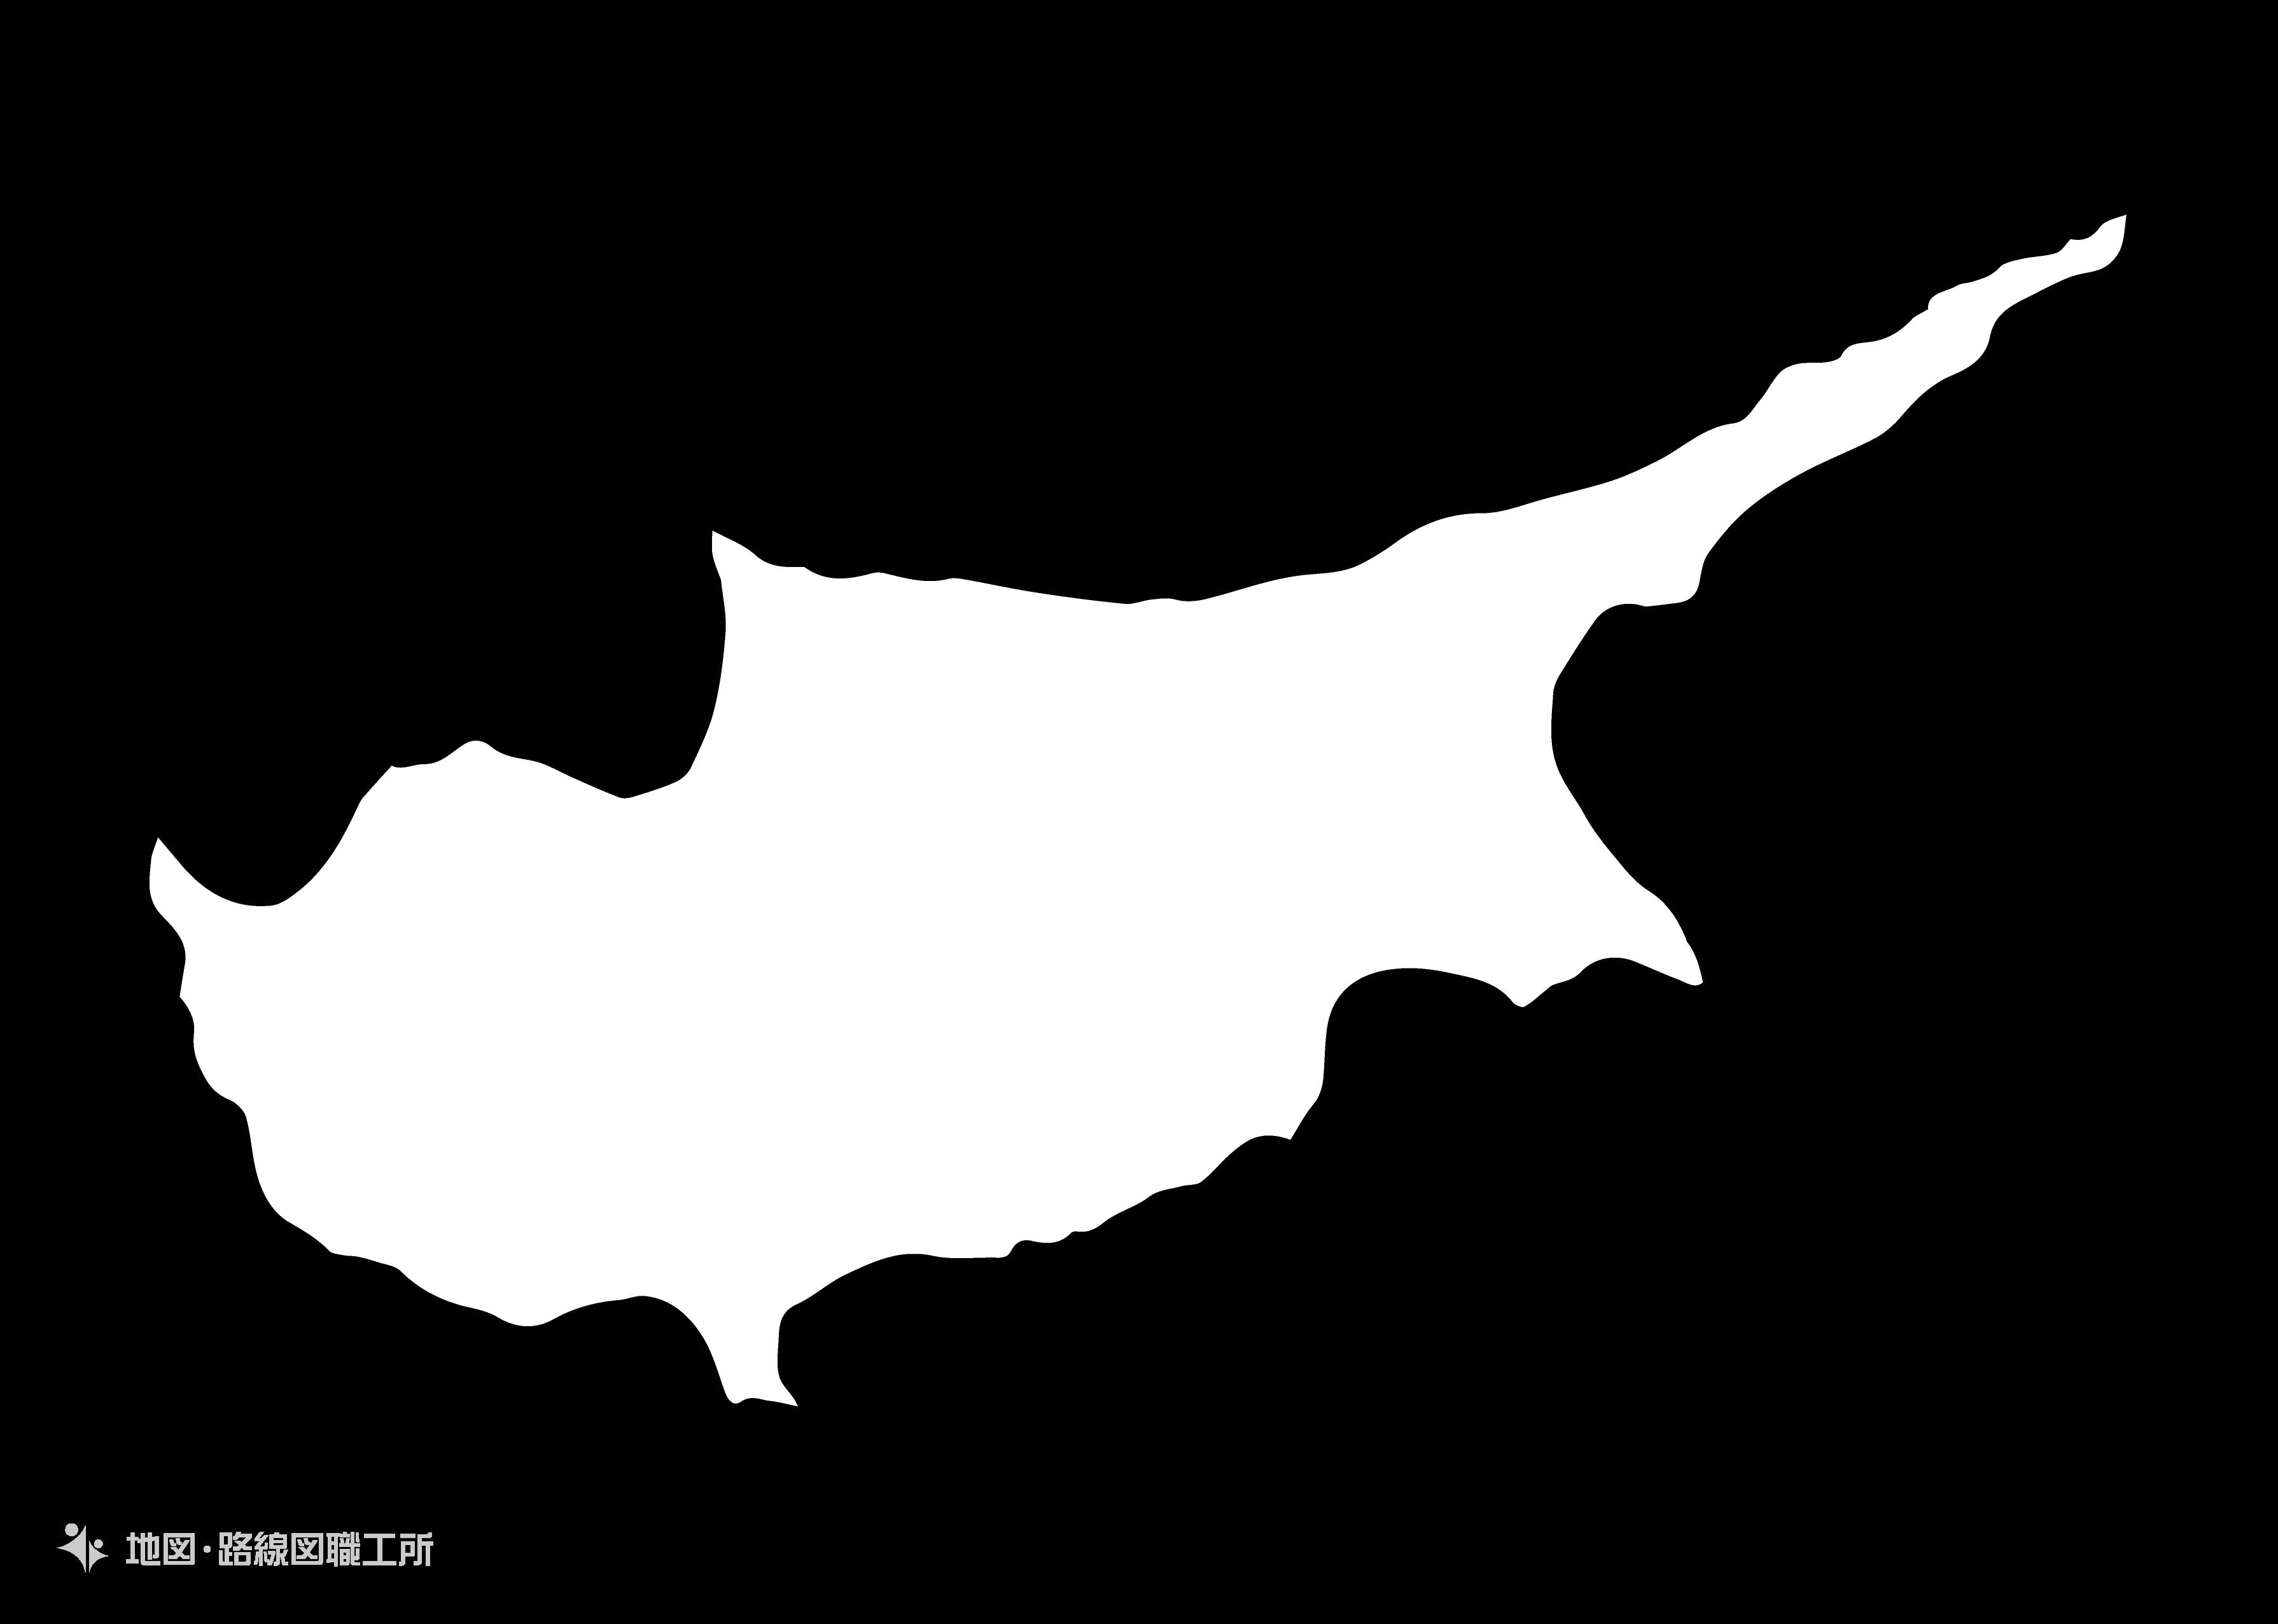 世界の白地図 キプロス共和国 republic-of-cyprus map